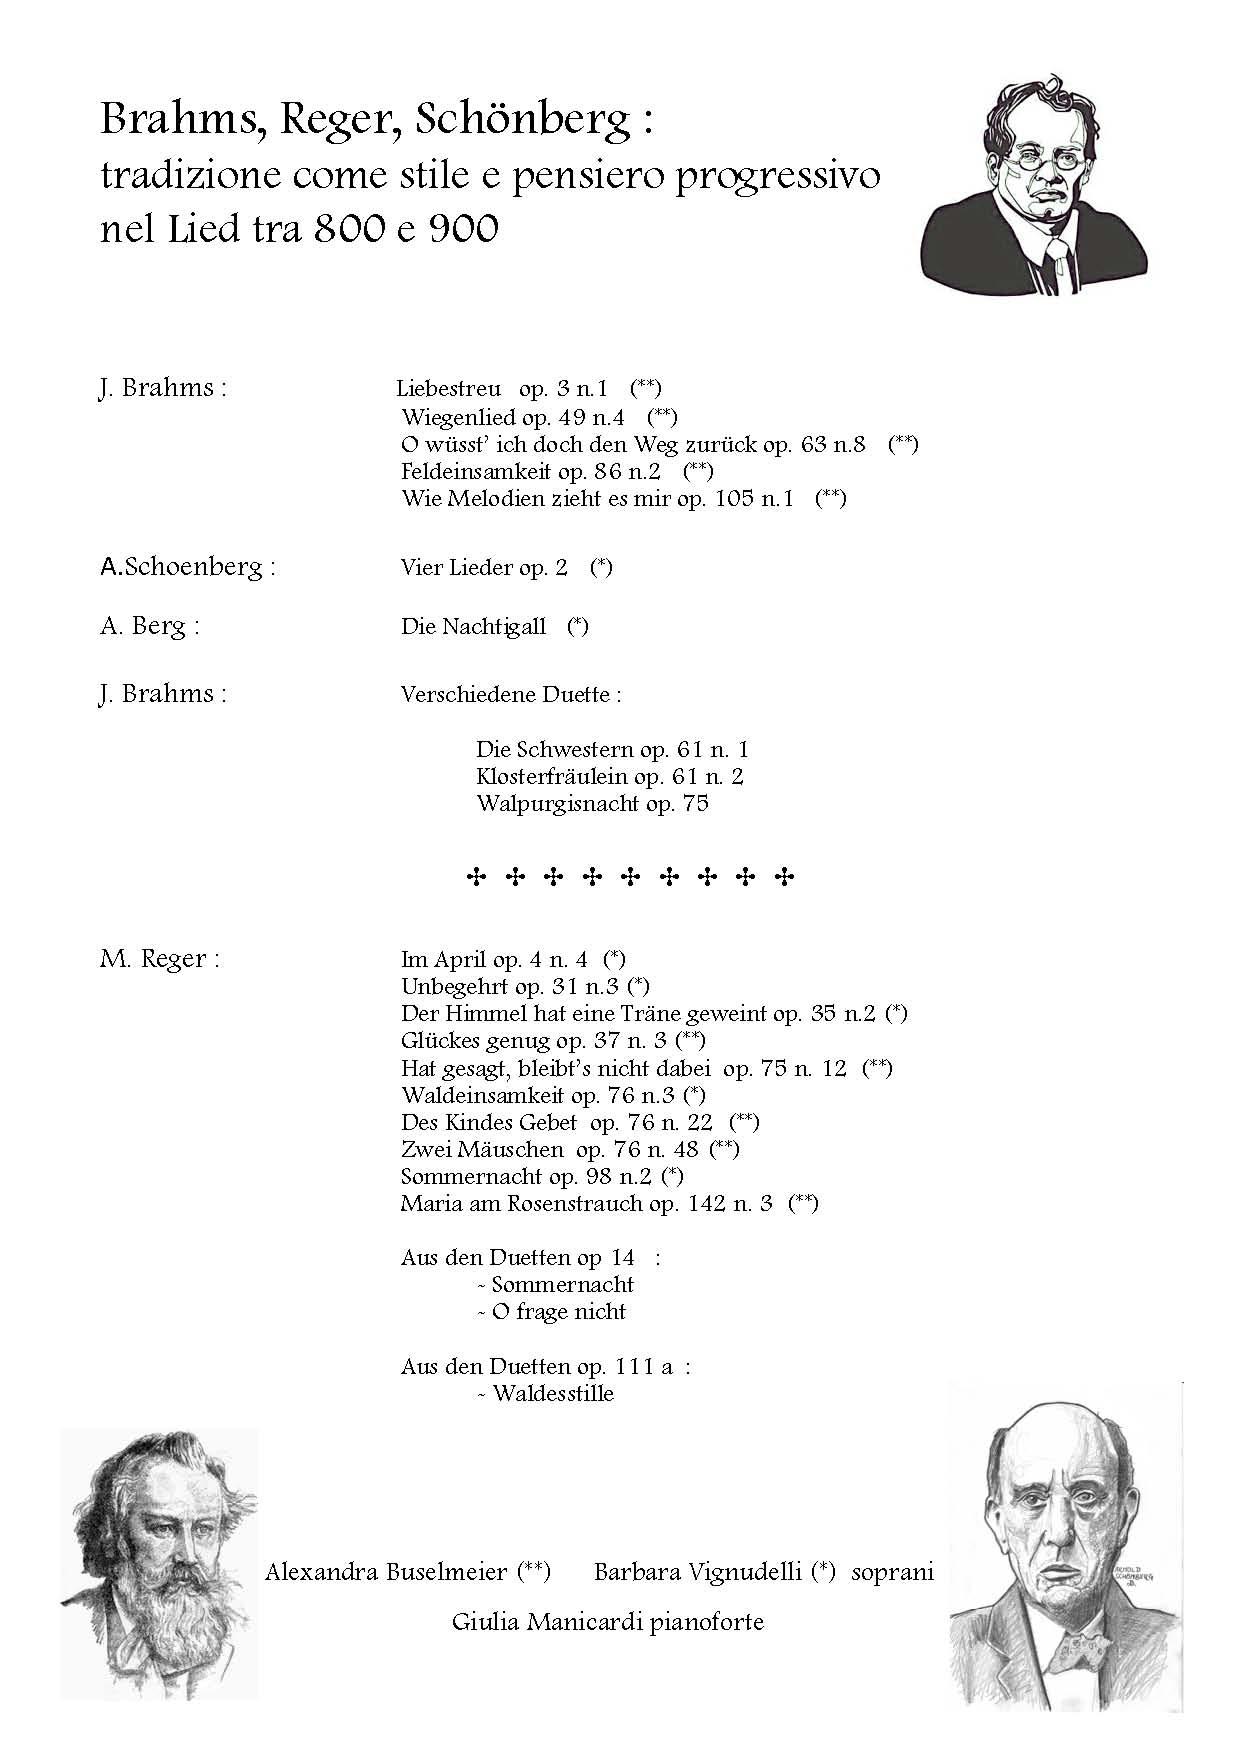 Liederabend Brahms, Reger, Schonberg